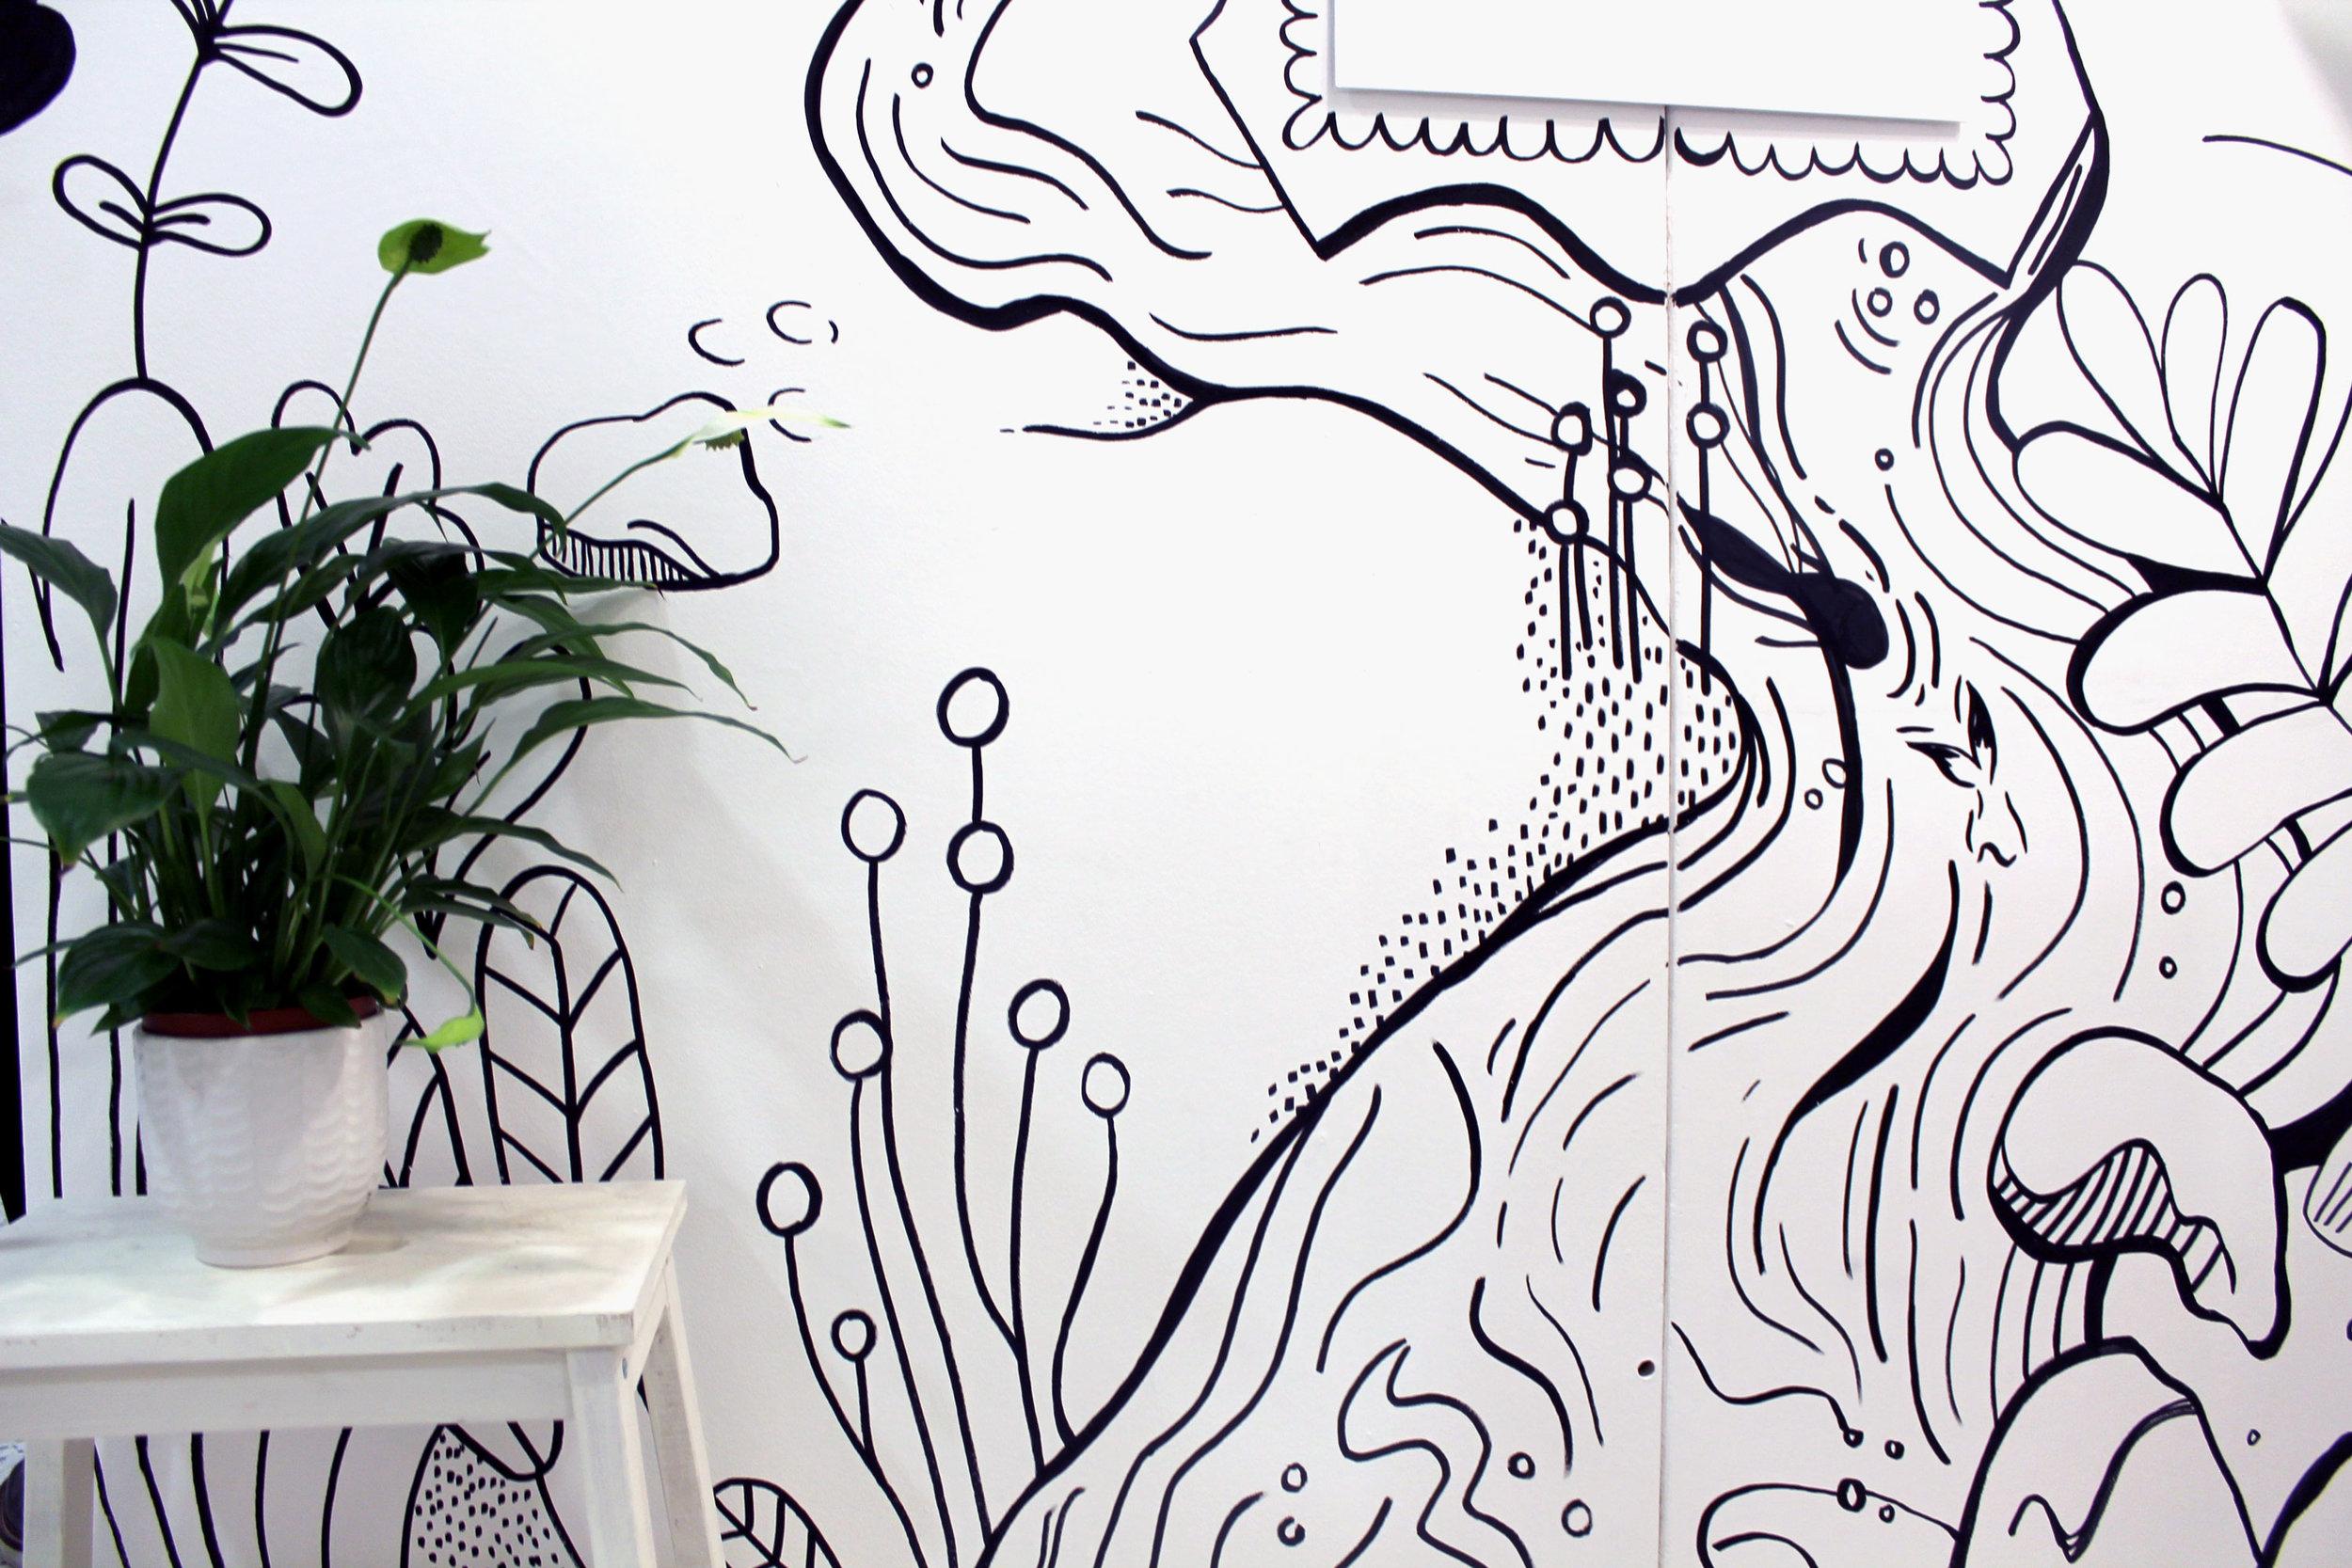 Art&---Mural-Closeup---Web.jpg